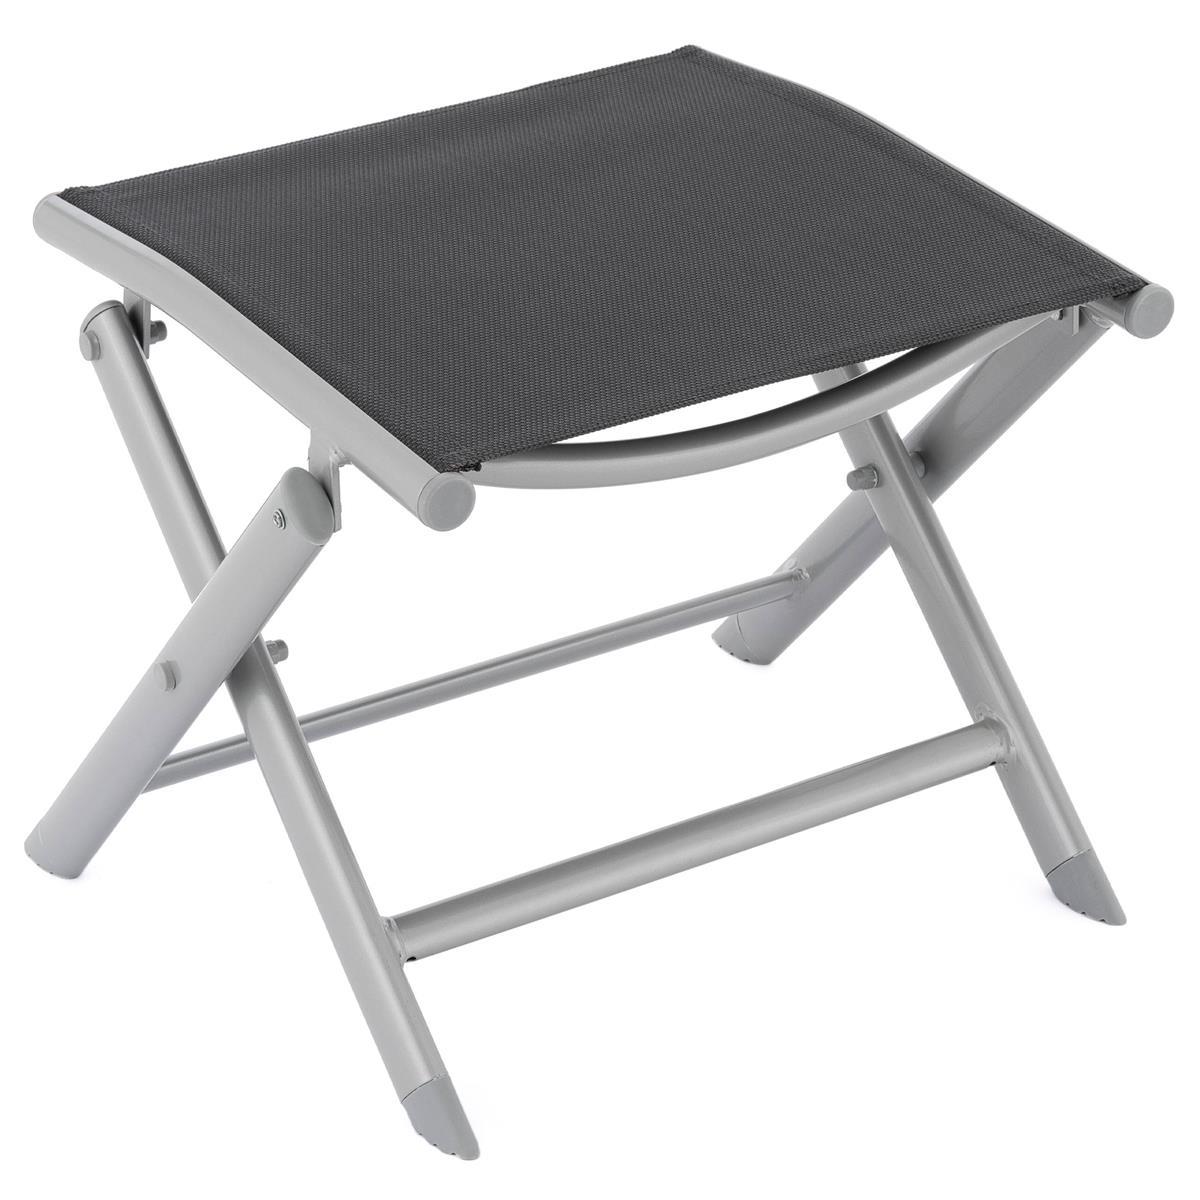 klappbarer Alu Hocker Sitzhocker Rahmen hellgrau Textilene schwarz Klapphocker